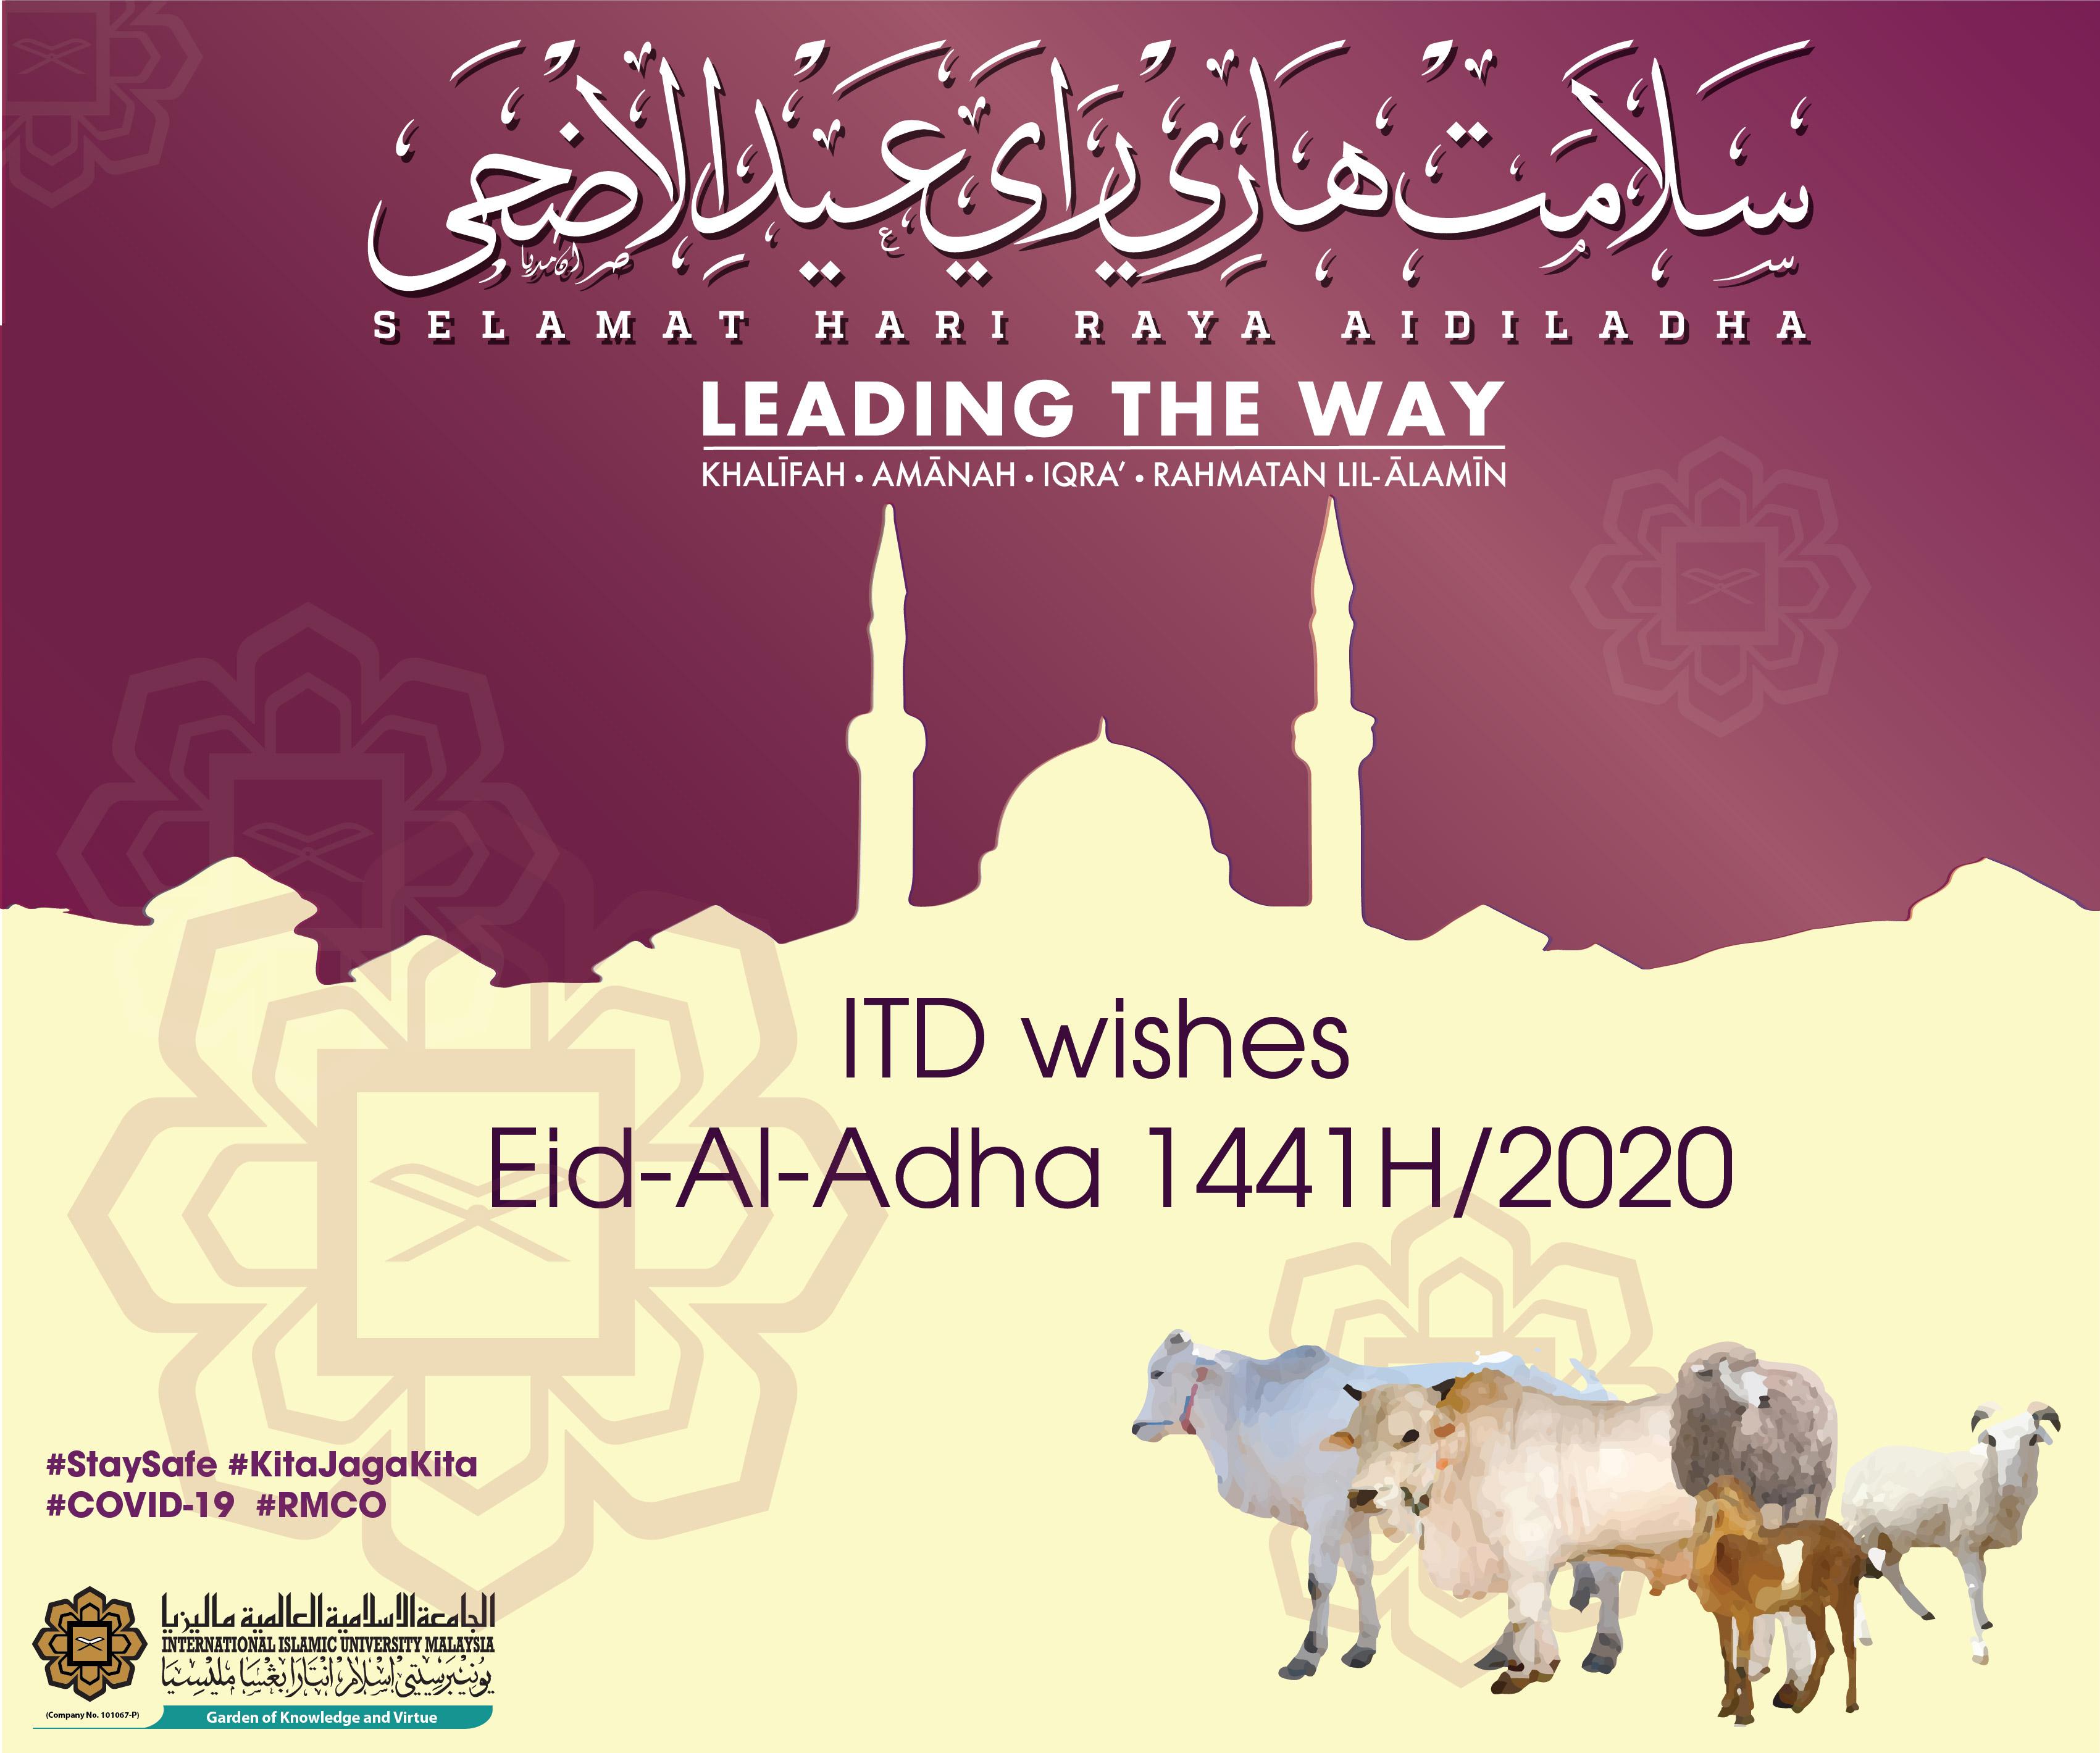 ITD Eid-Al-Adha 2020/1441H